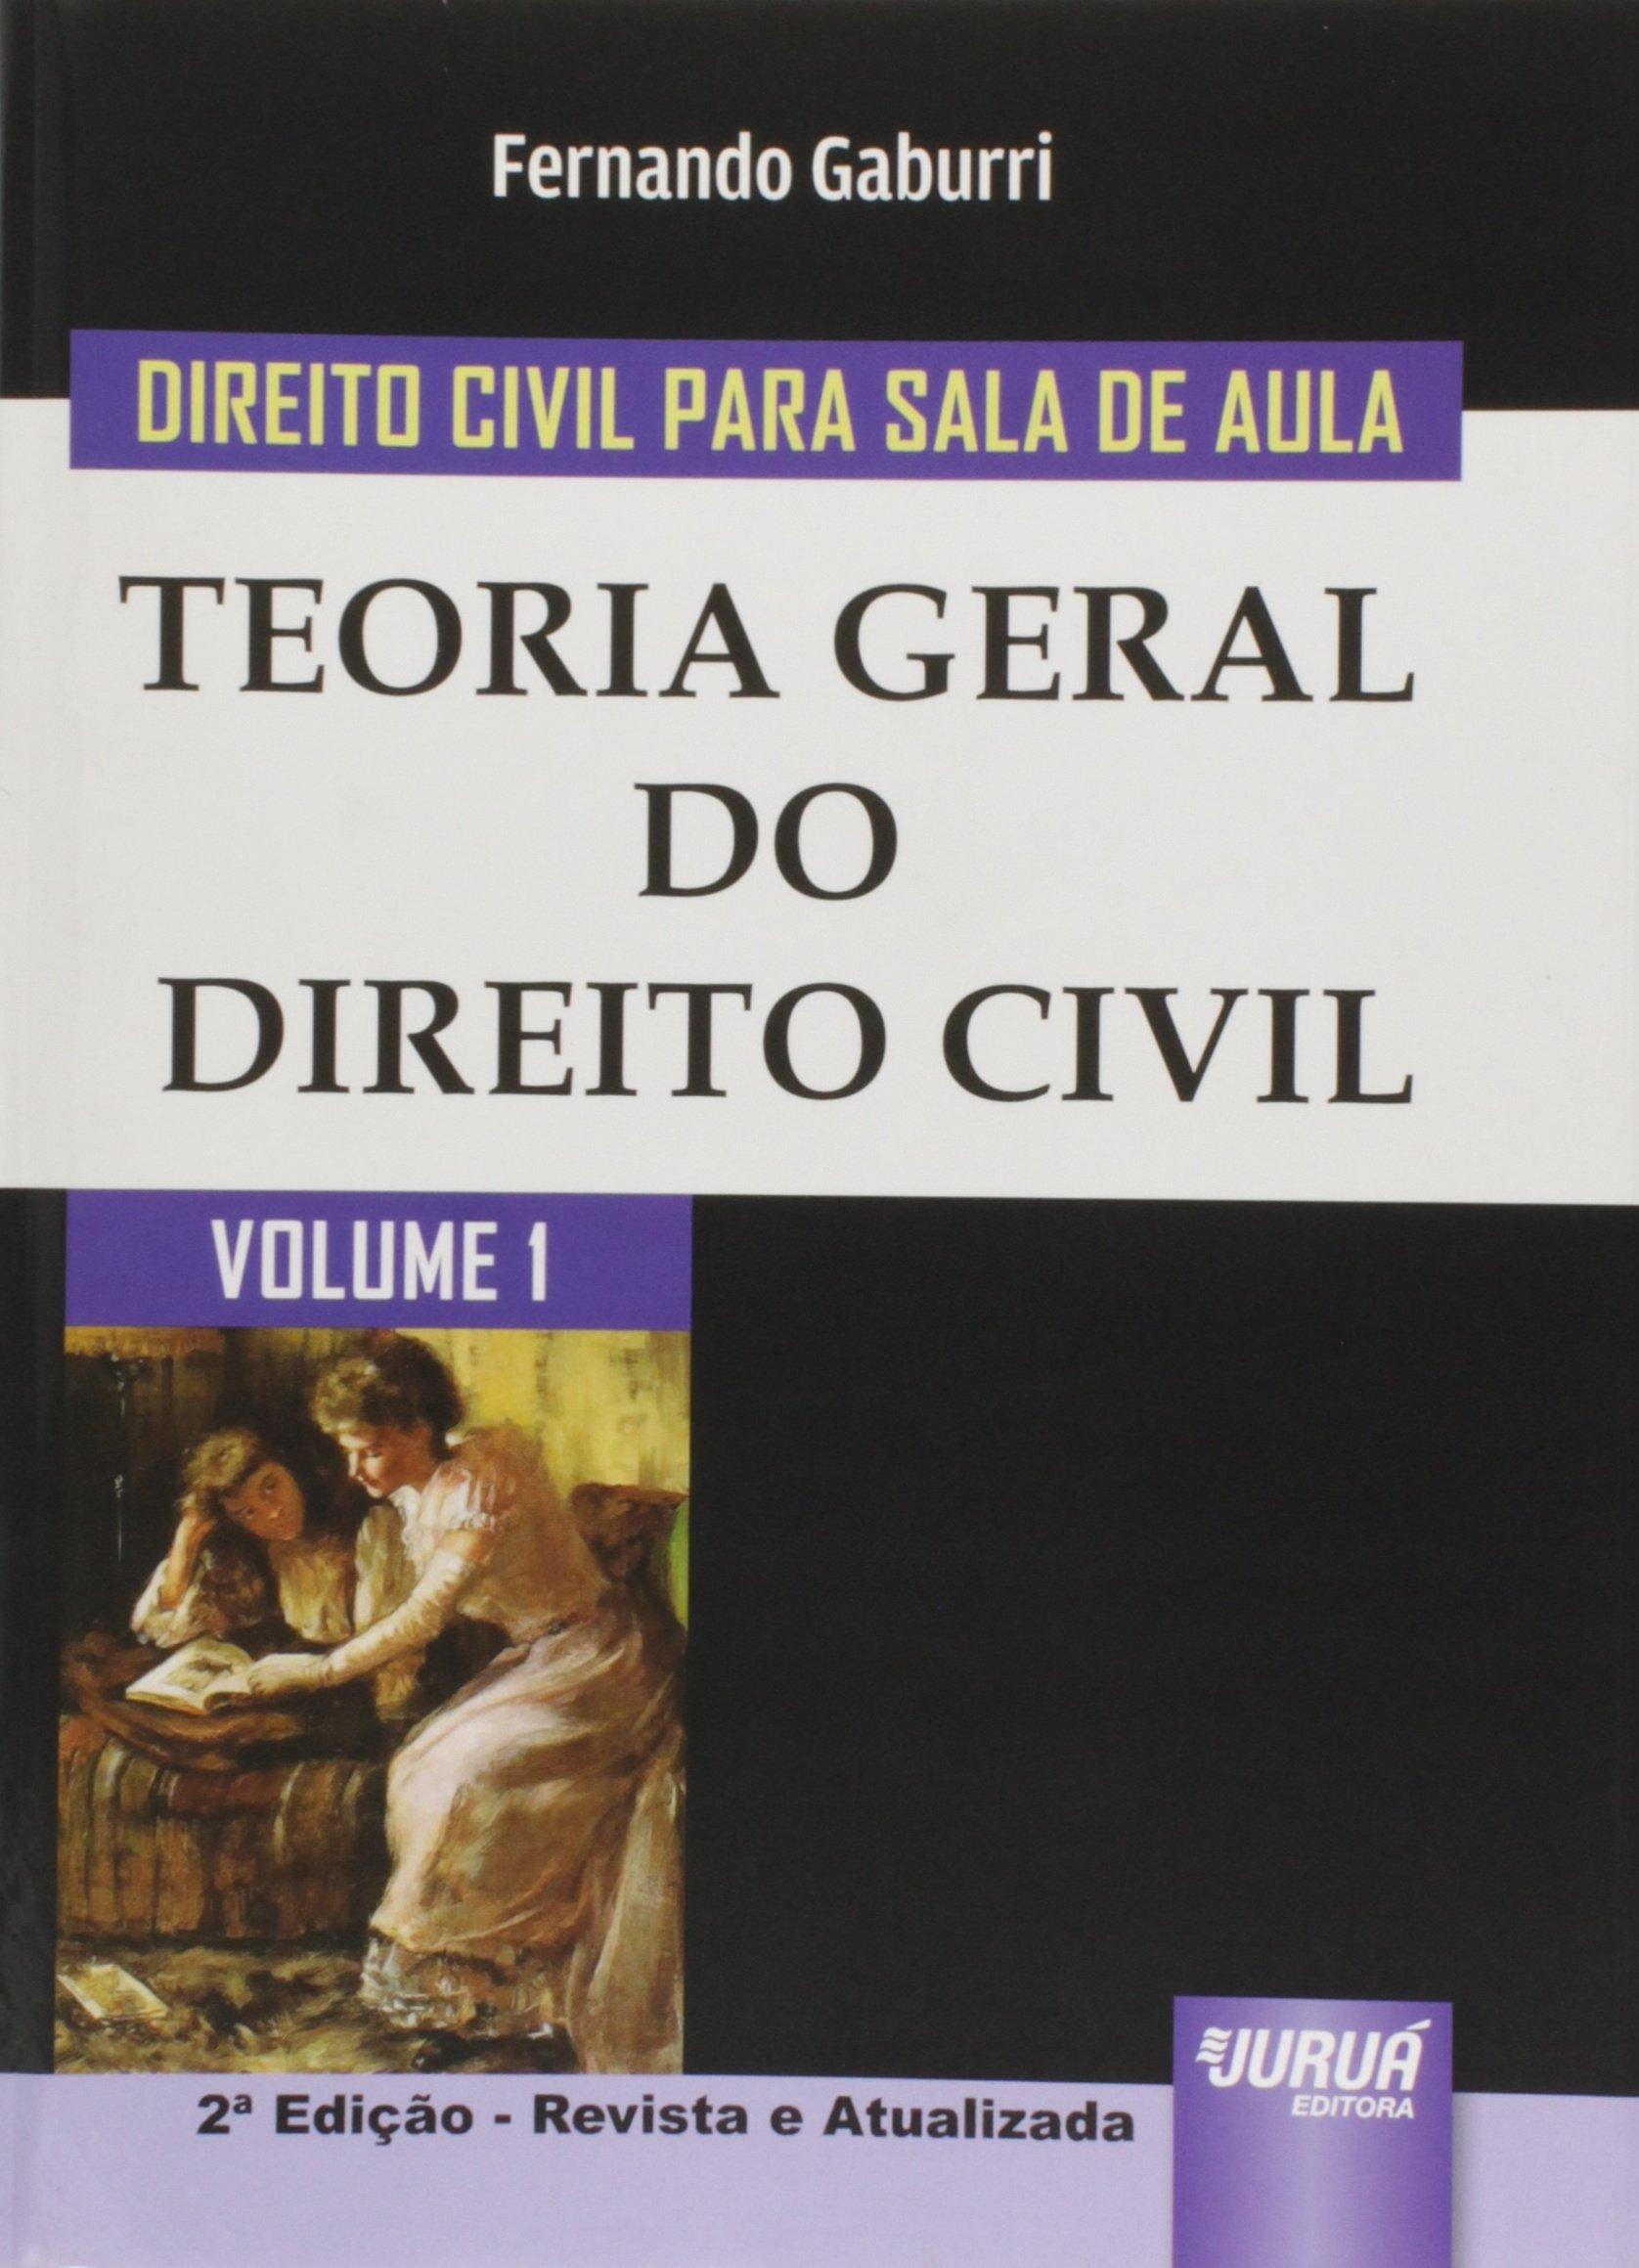 Download Direito Civil Para Sala de Aula: Teoria Geral do Direito Civil - Vol.1 ebook